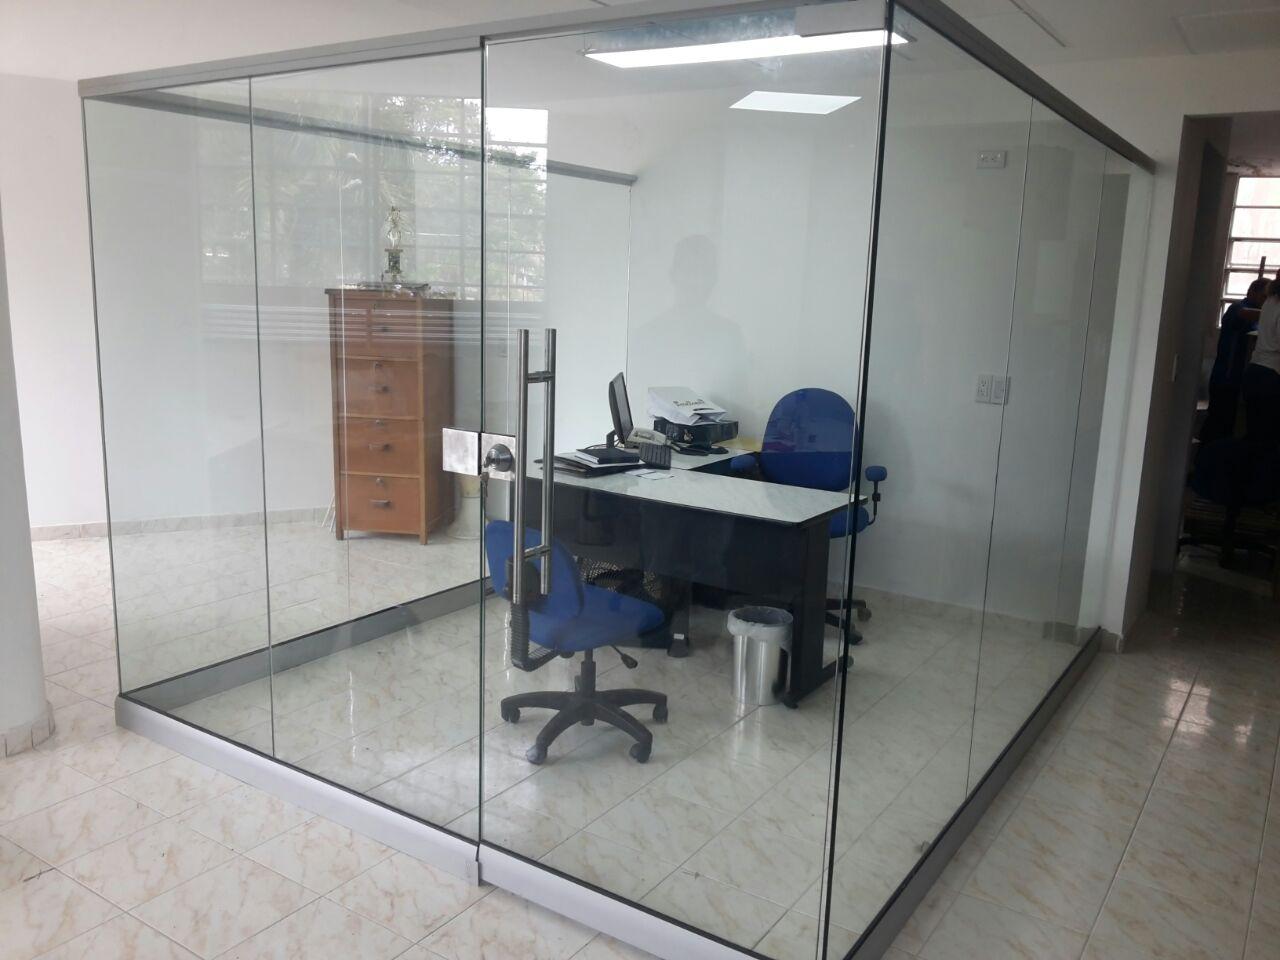 Divisiones para oficina categorias de los productos for Divisiones para oficina